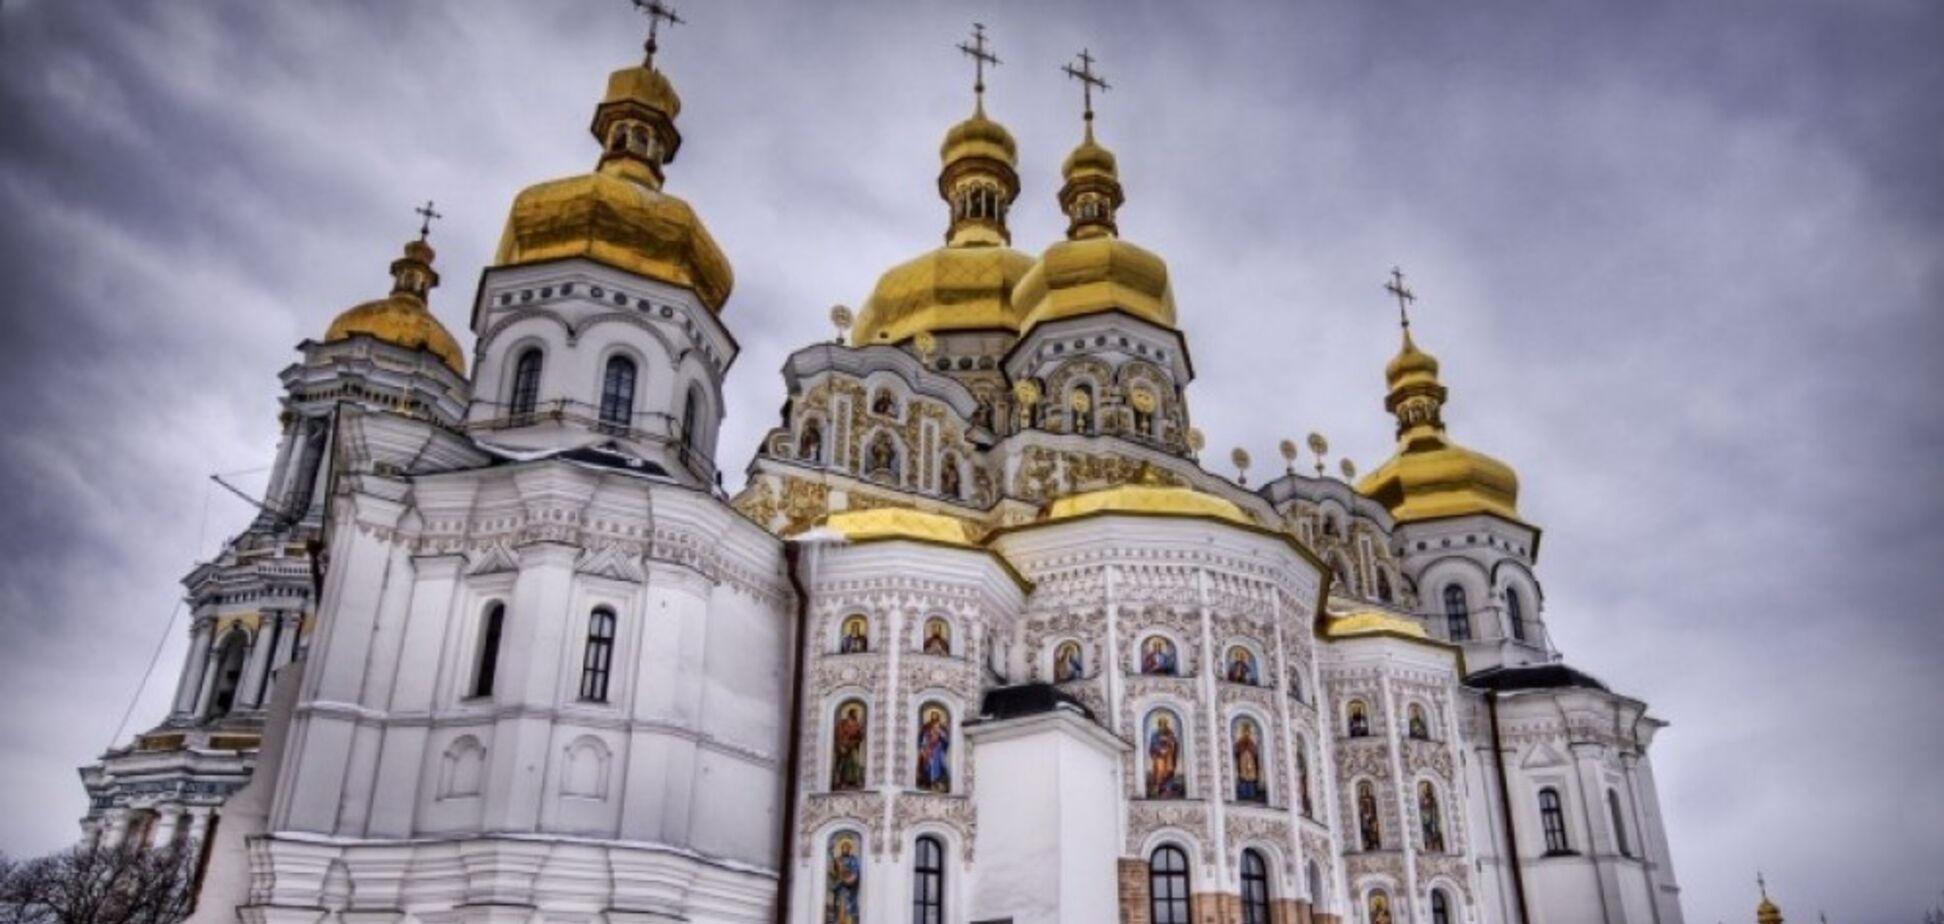 Пропажа ценностей из Киево-Печерской лавры: за дело взялась СБУ